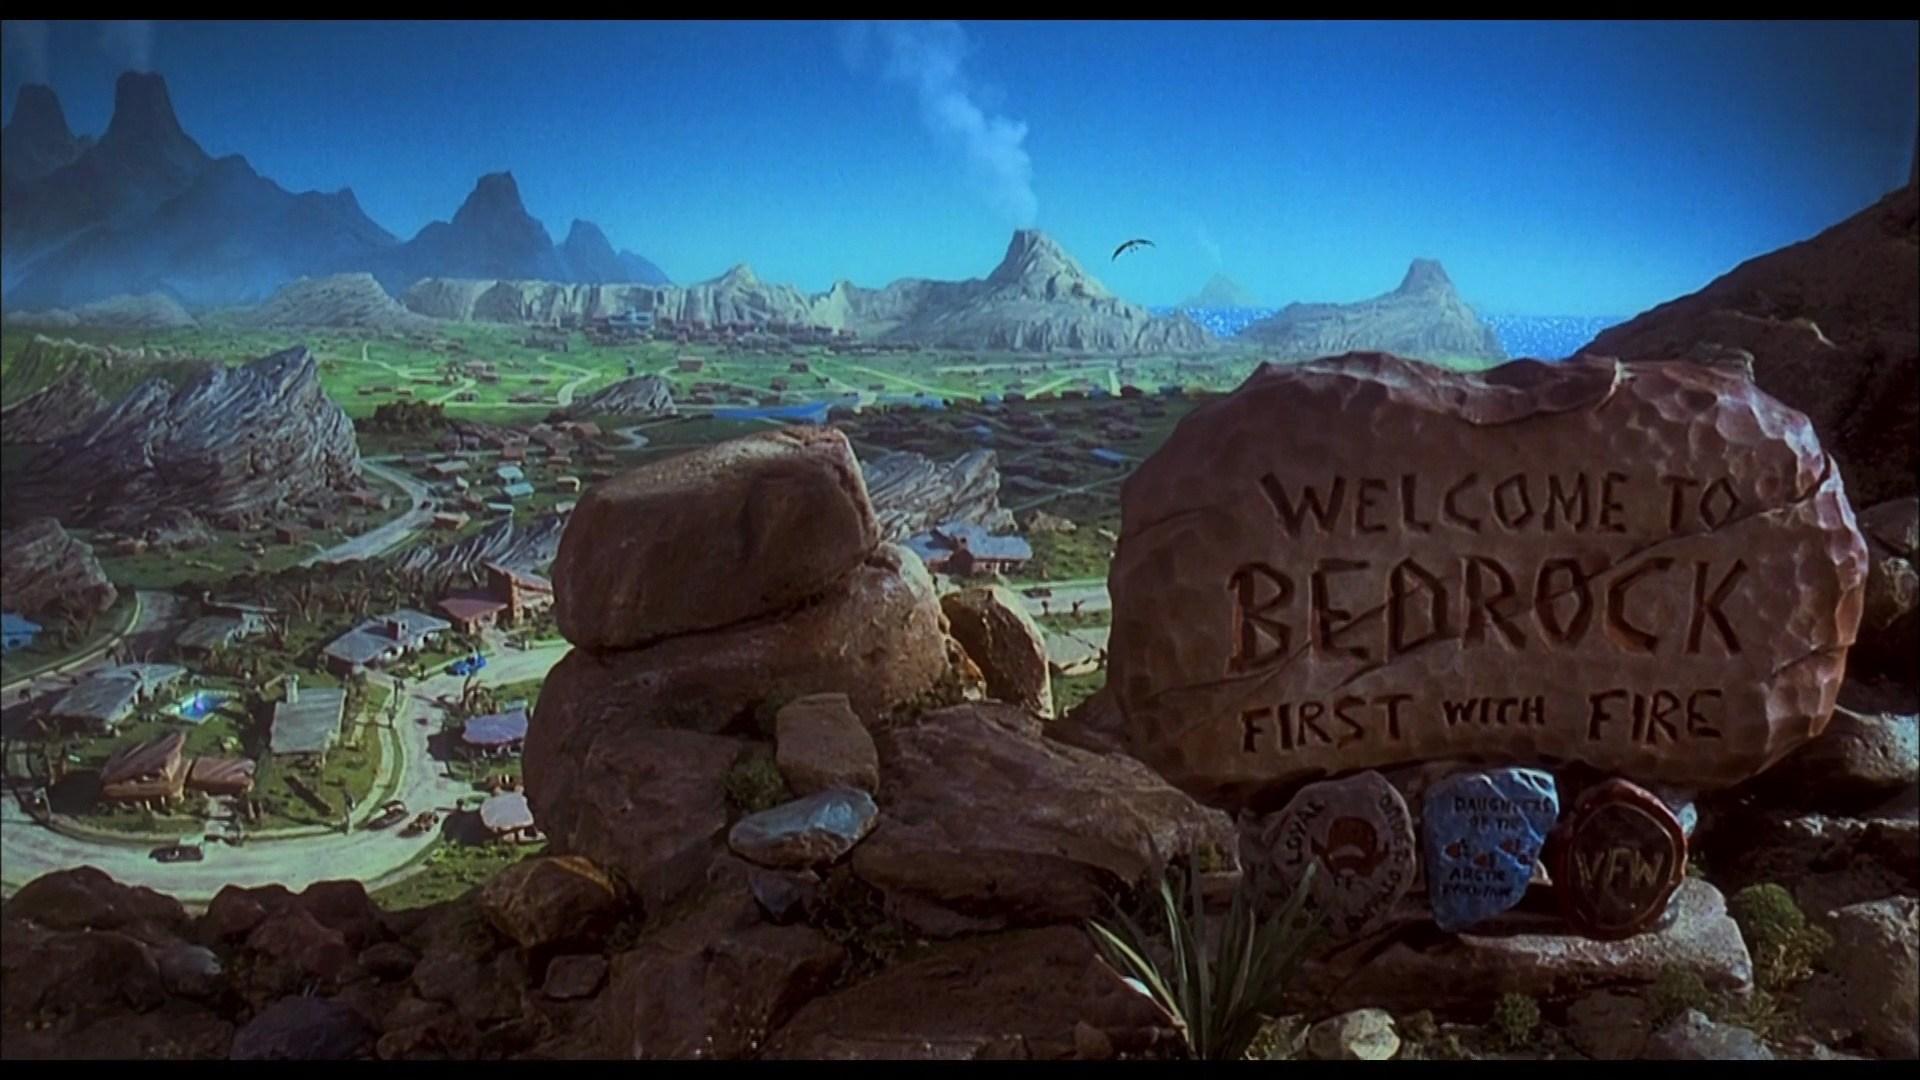 The Flintstones - Bedrock in the 1994 Live-Action Film.jpg